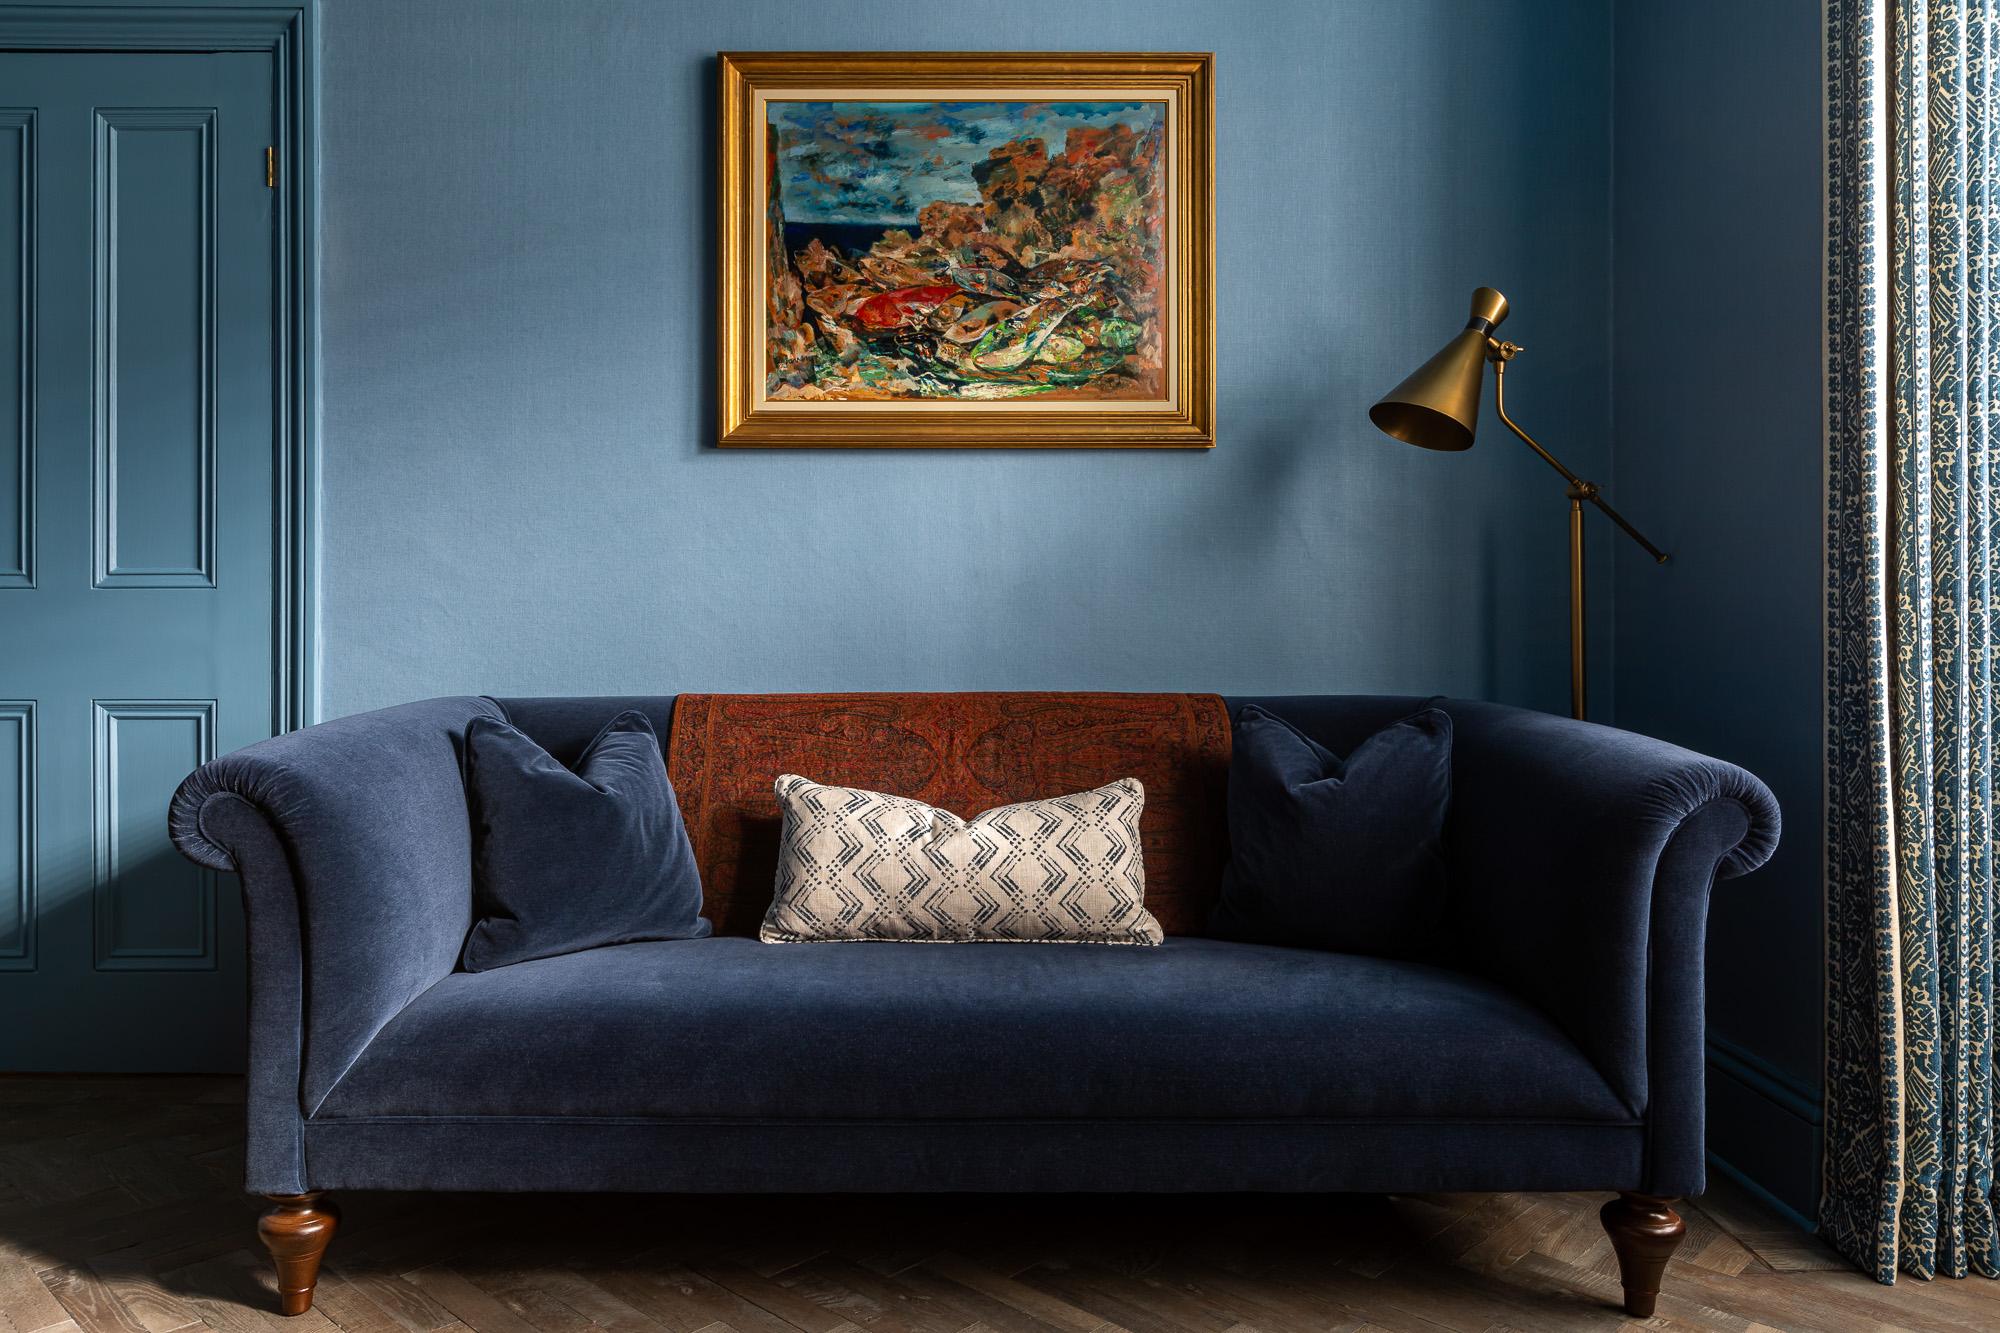 jonathan bond, blue velvet sofa & floor lamp, drinks cabinet, clapham, london